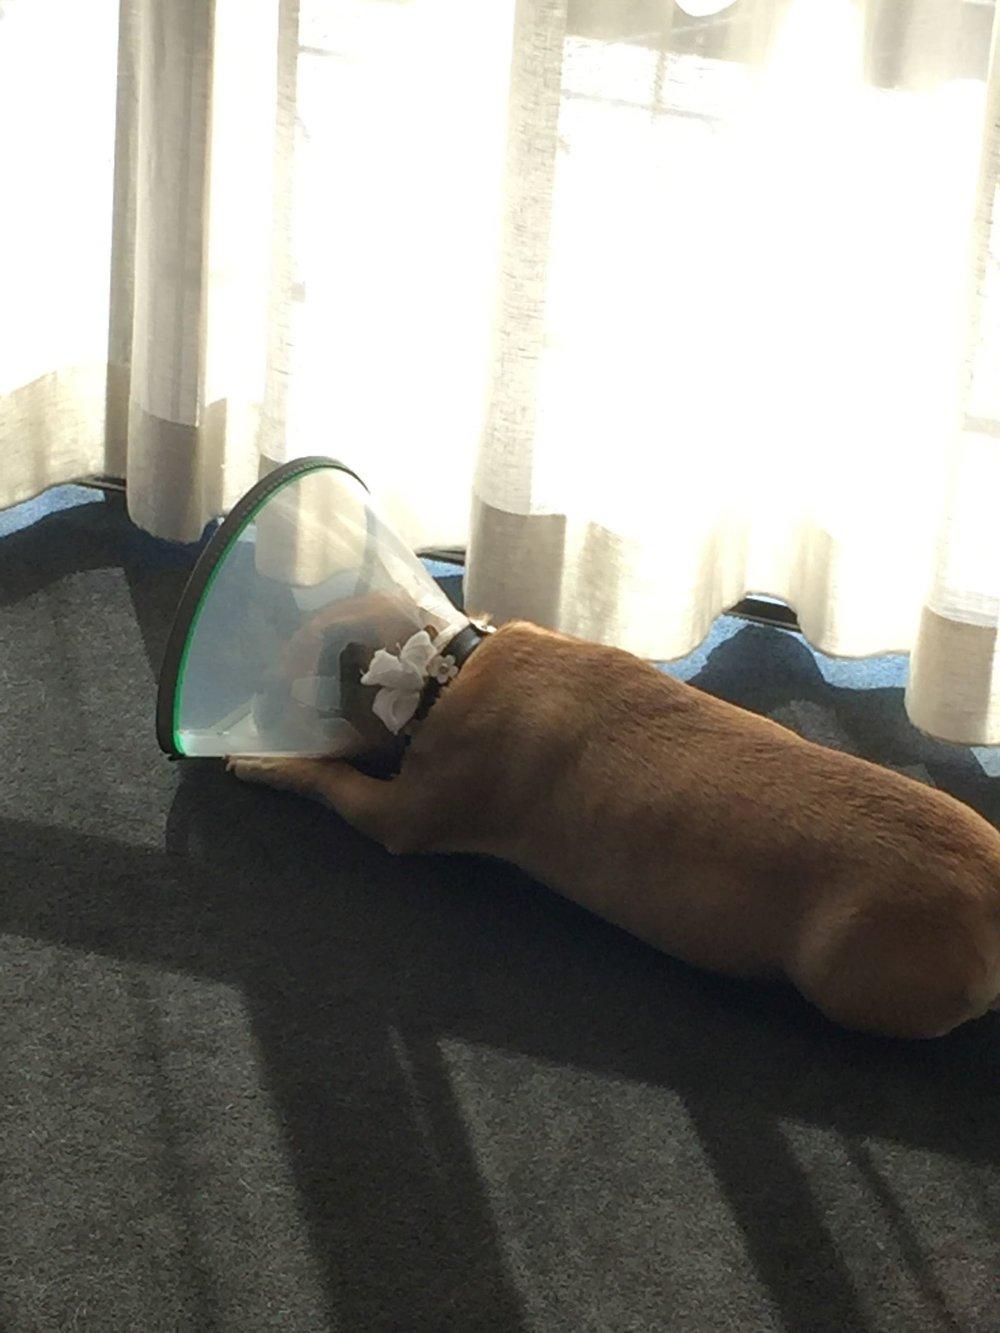 :( - Poor Puppy